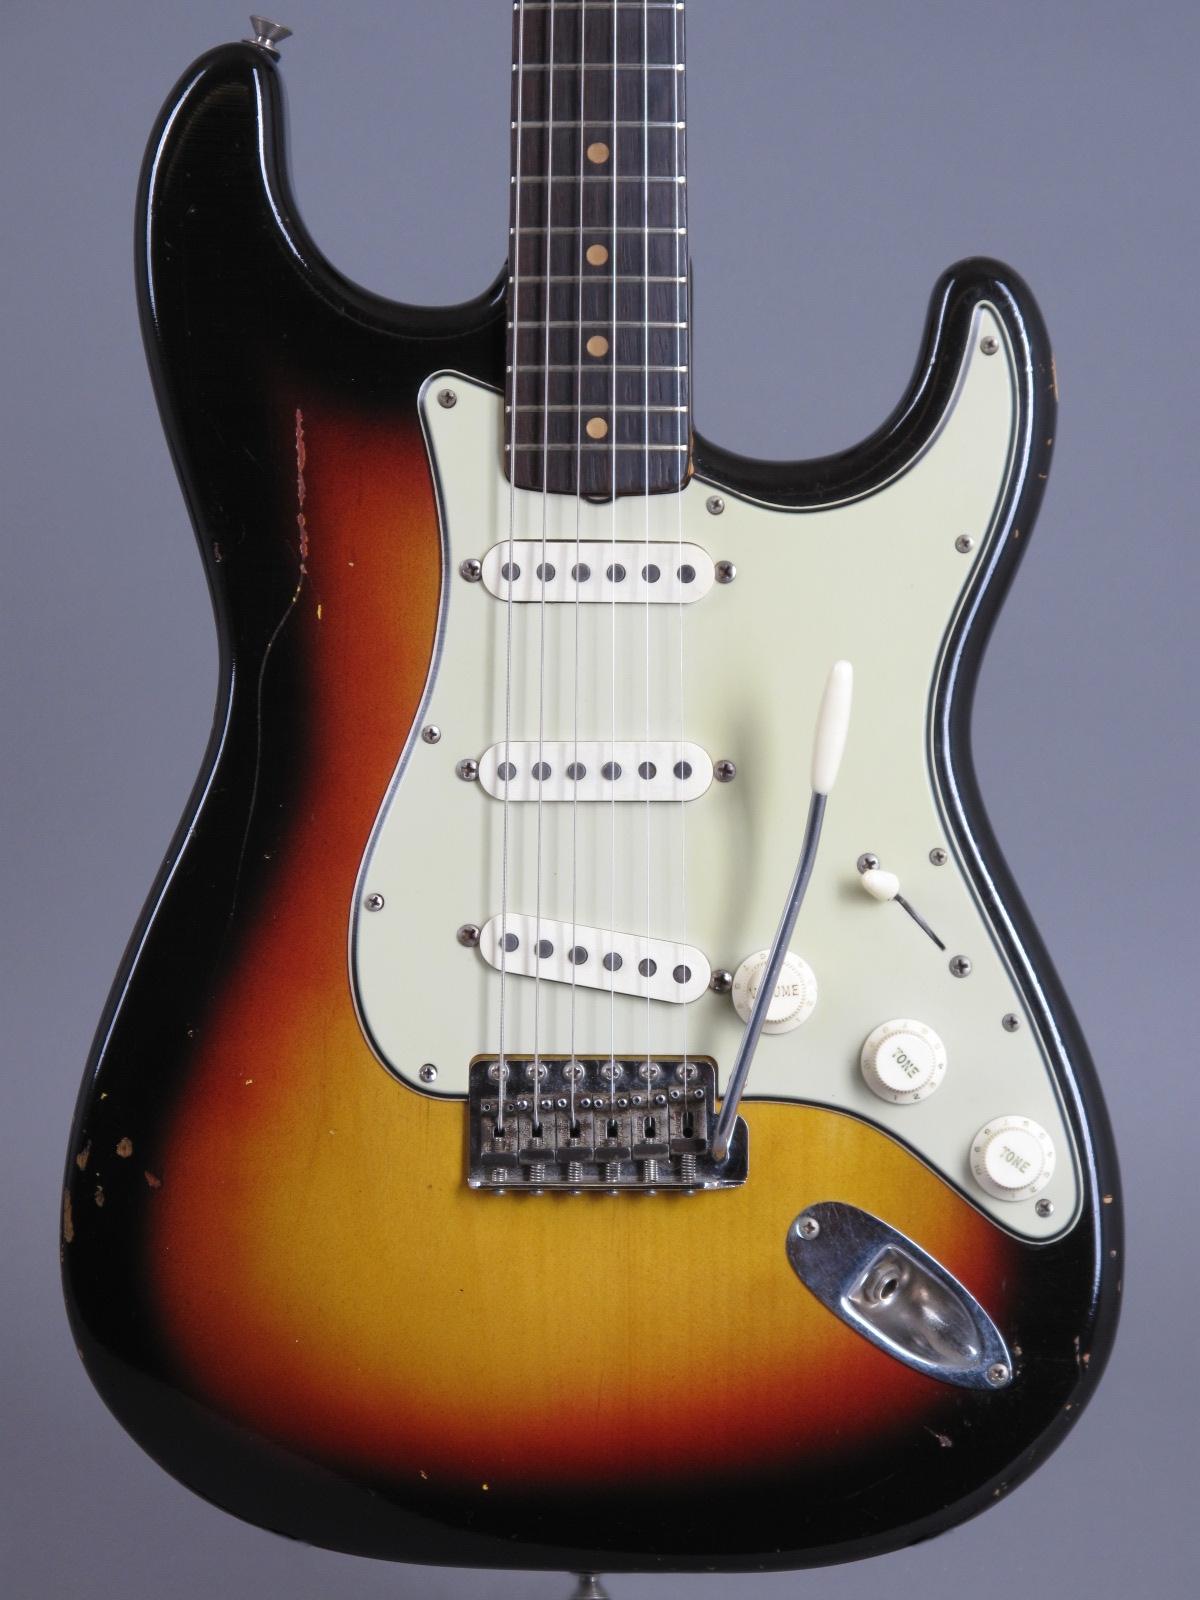 1964 Fender Stratocaster - 3-tone Sunburst